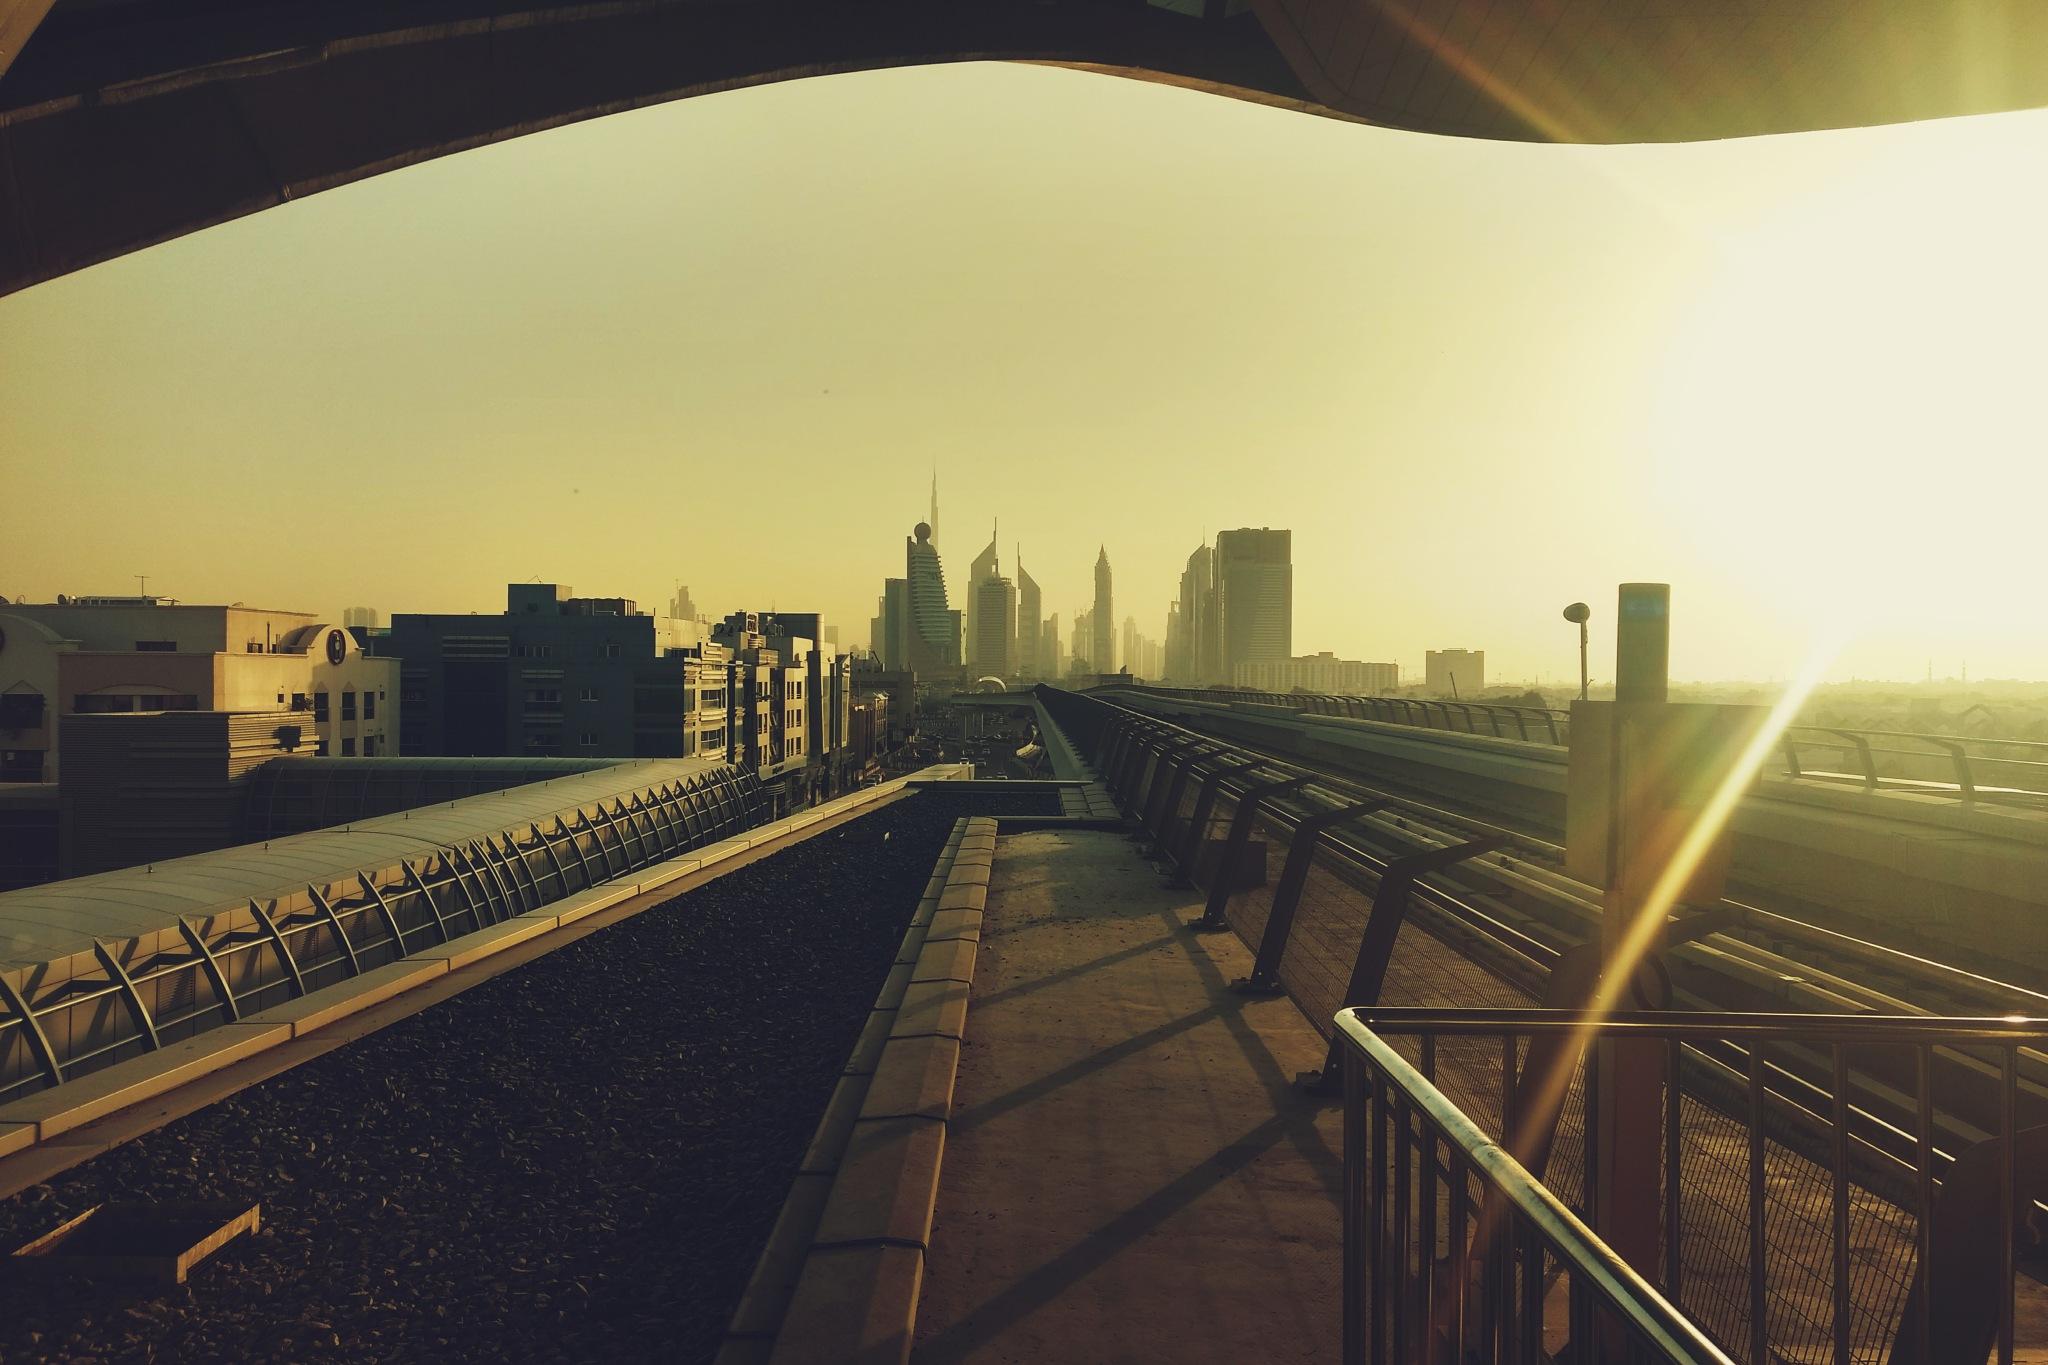 cityscape by Athul Ak